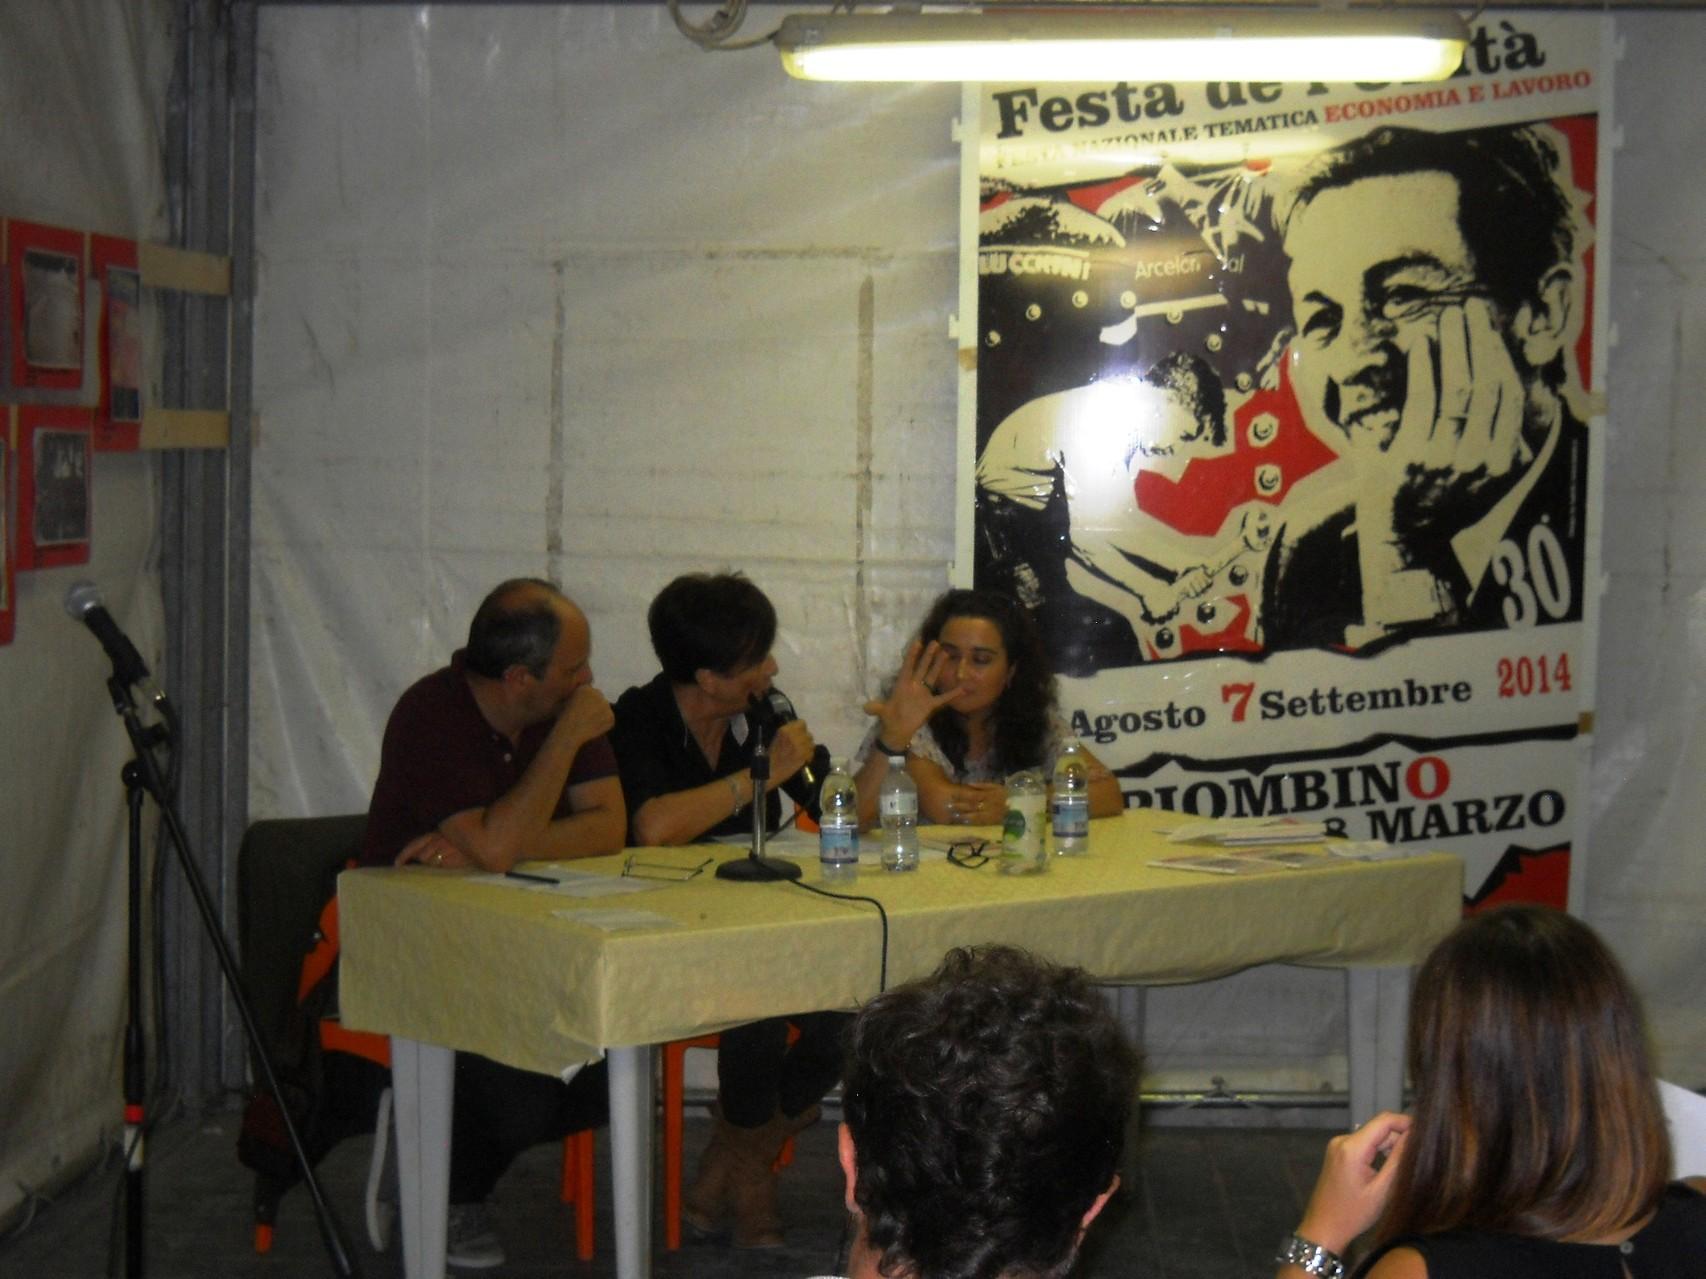 L'Assessore Claudio Capuano, l'Assessore Margherita di Giorgi e l'autrice Francesca Ghiribelli.